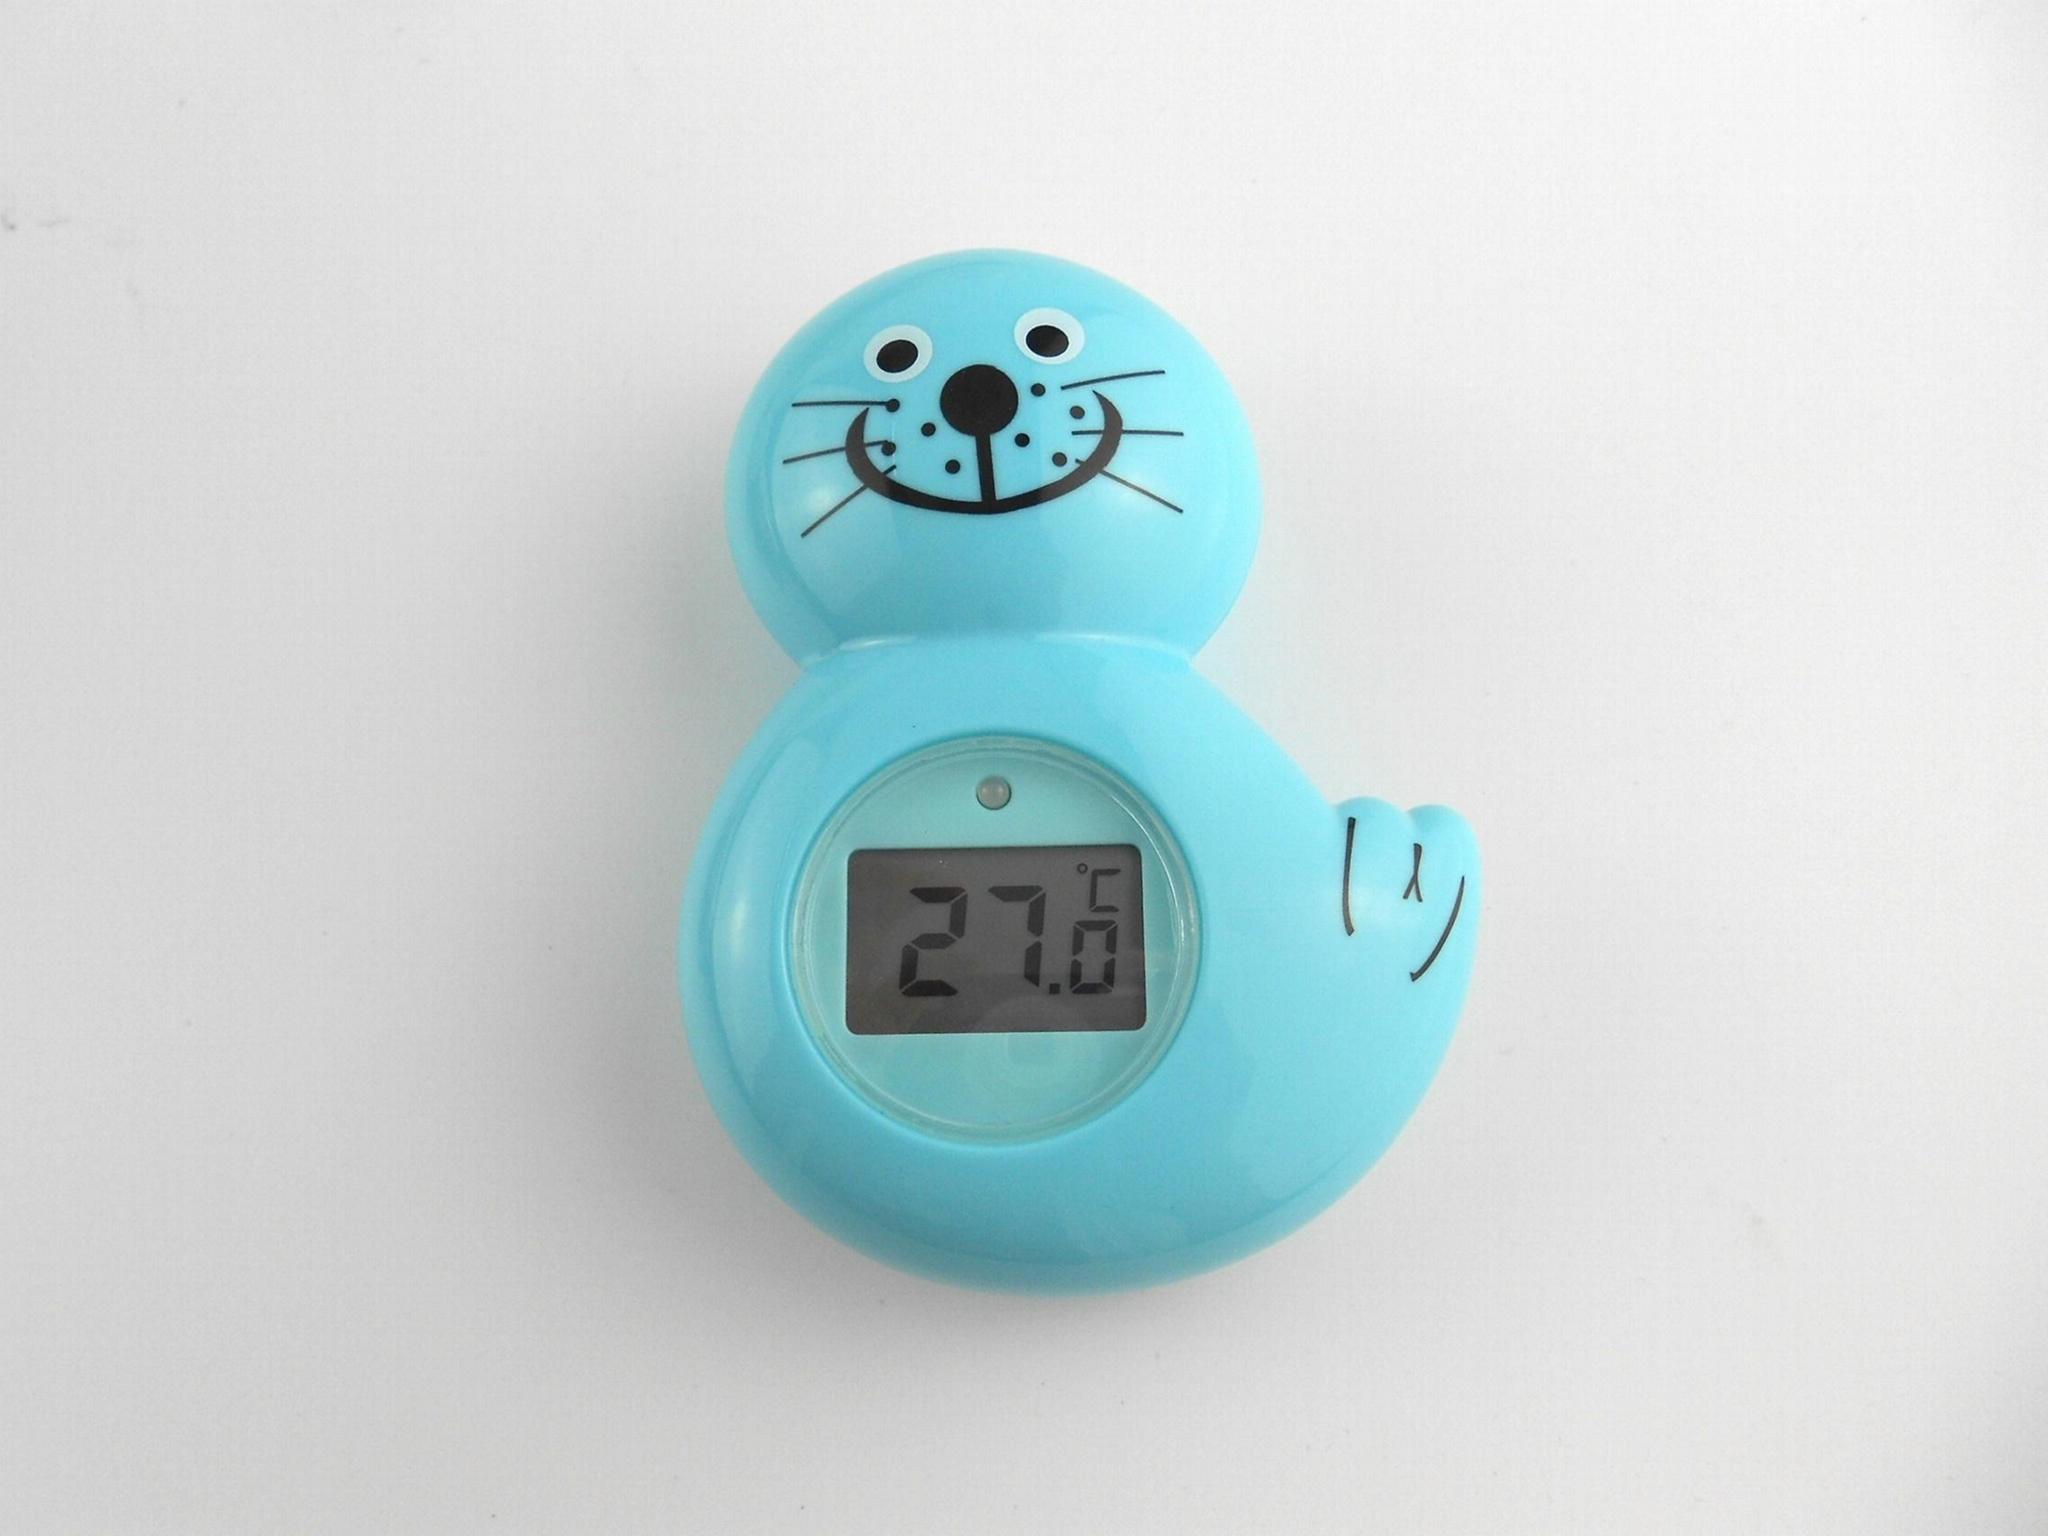 海狮浴缸室内两用温度计 1